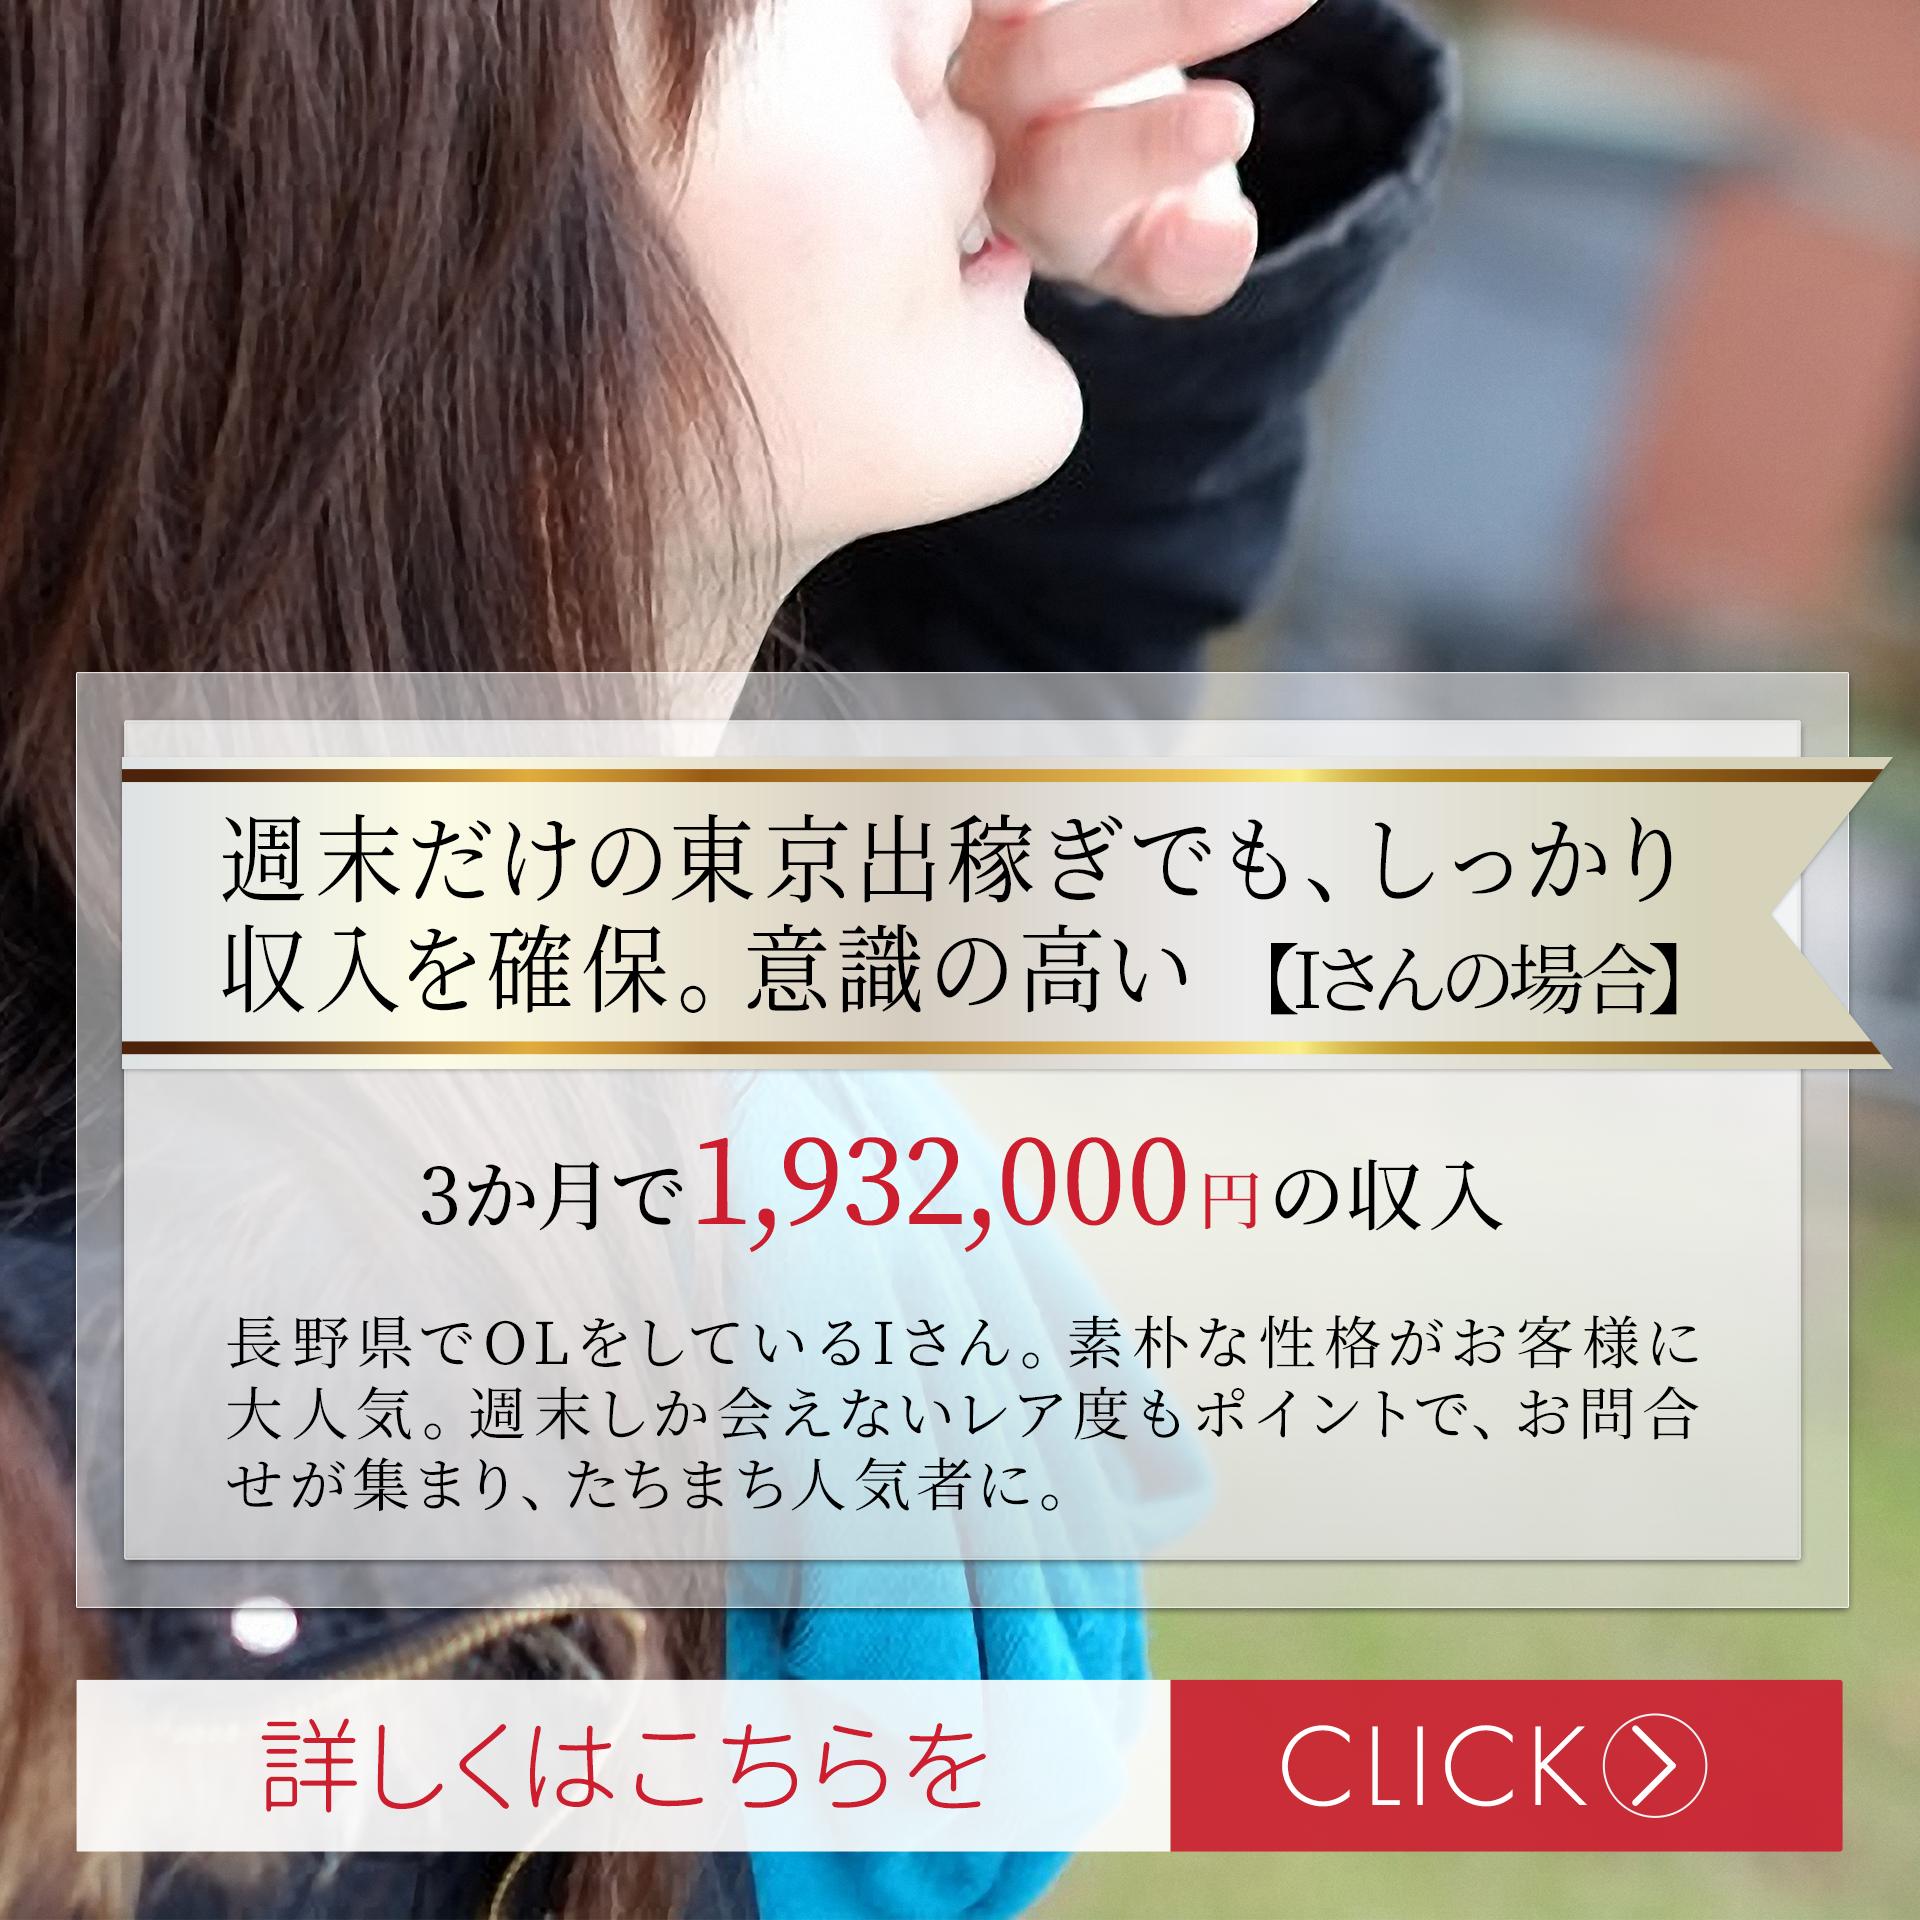 週末だけの東京出稼ぎでも、しっかり収入を確保、意識の高いIさんの報酬例